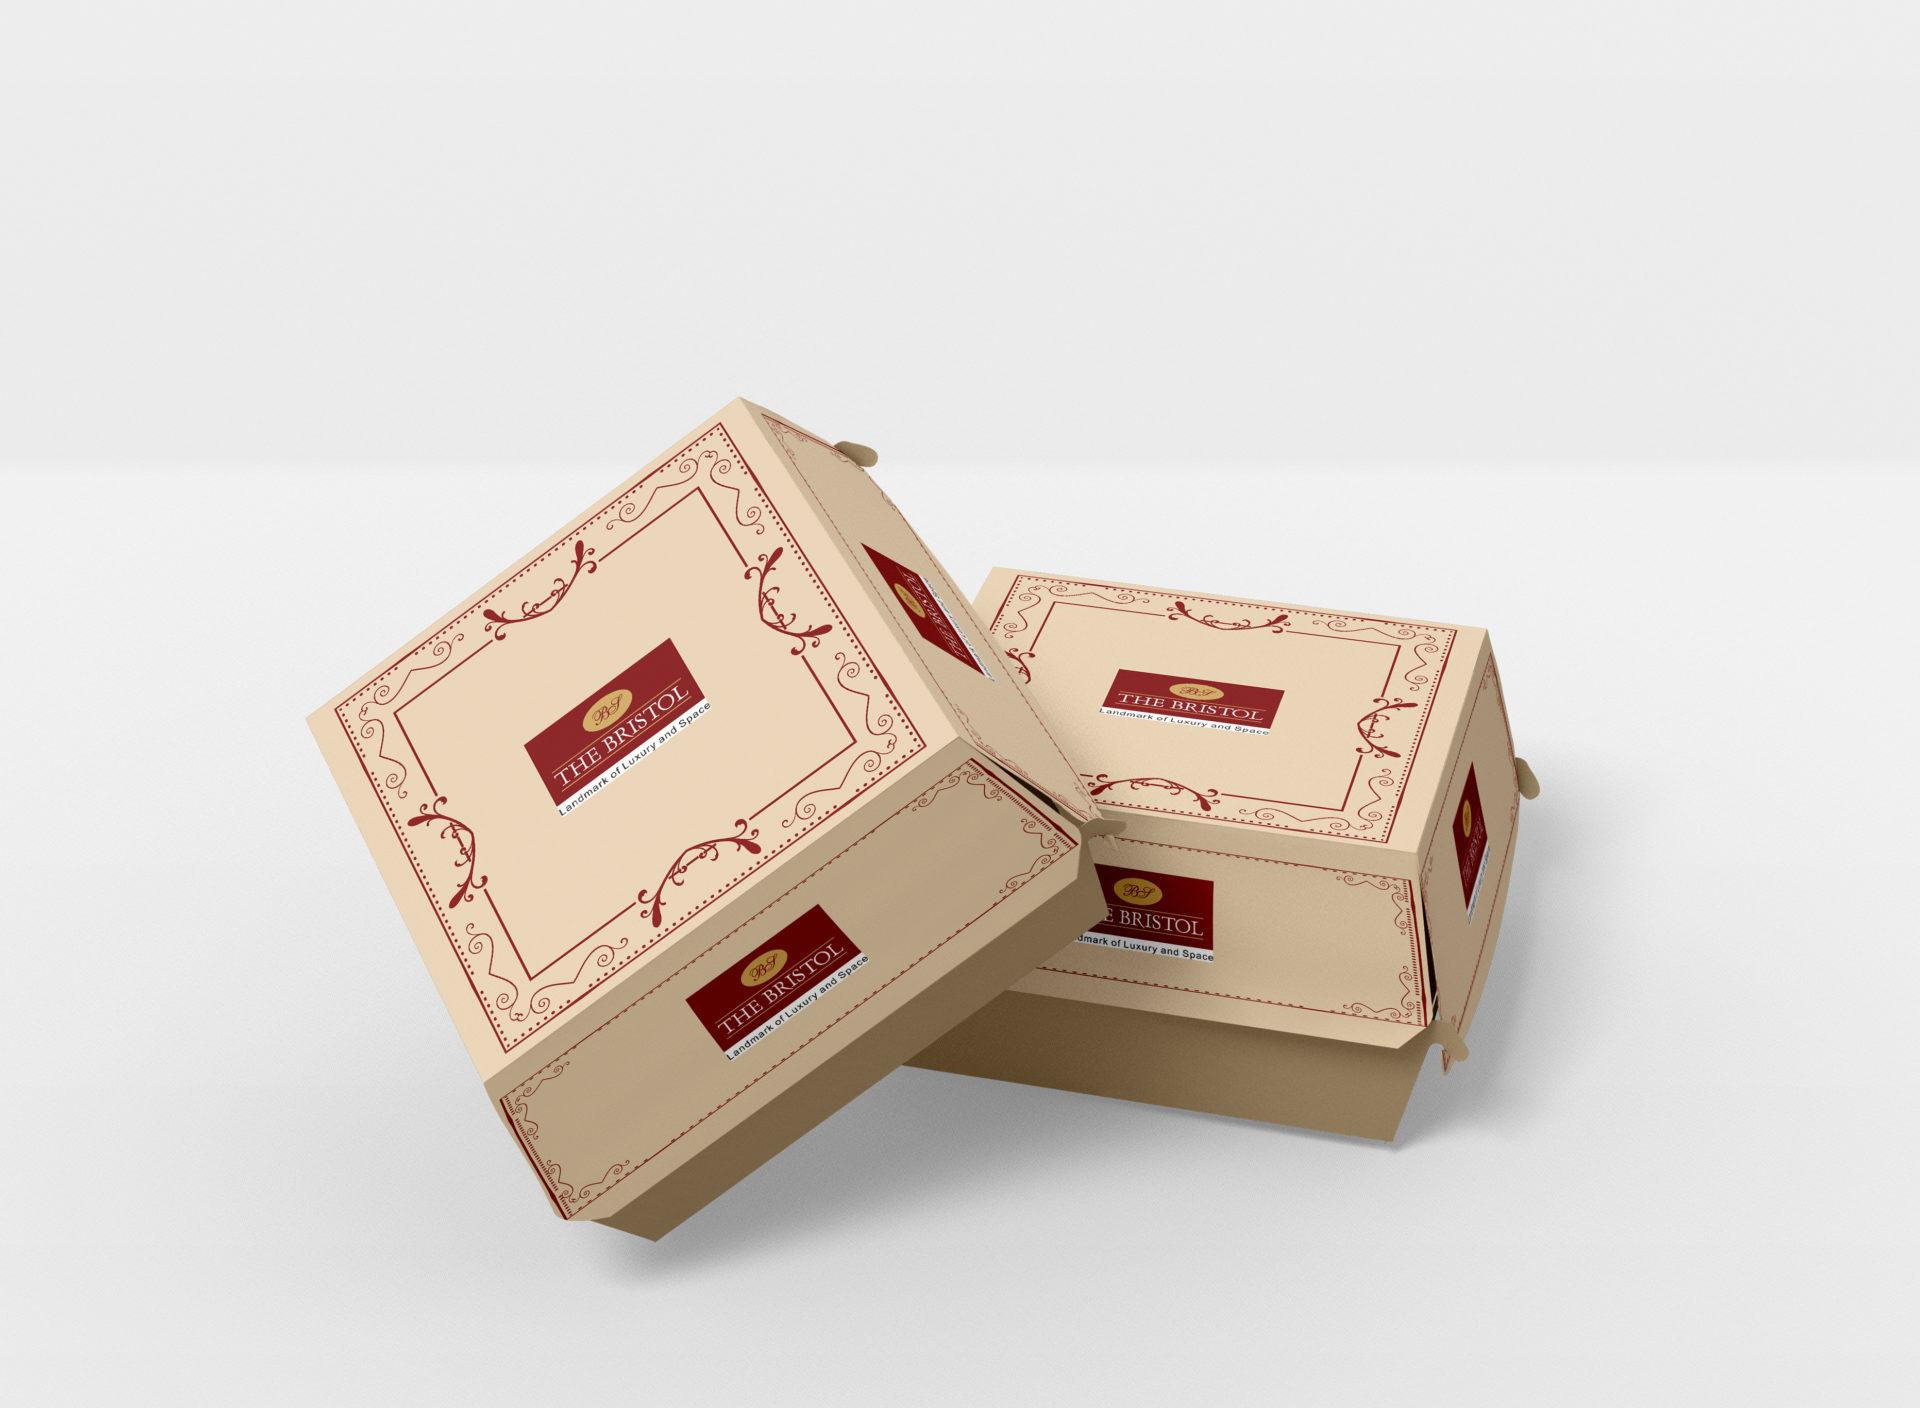 ScrollMantra/Bristol Box